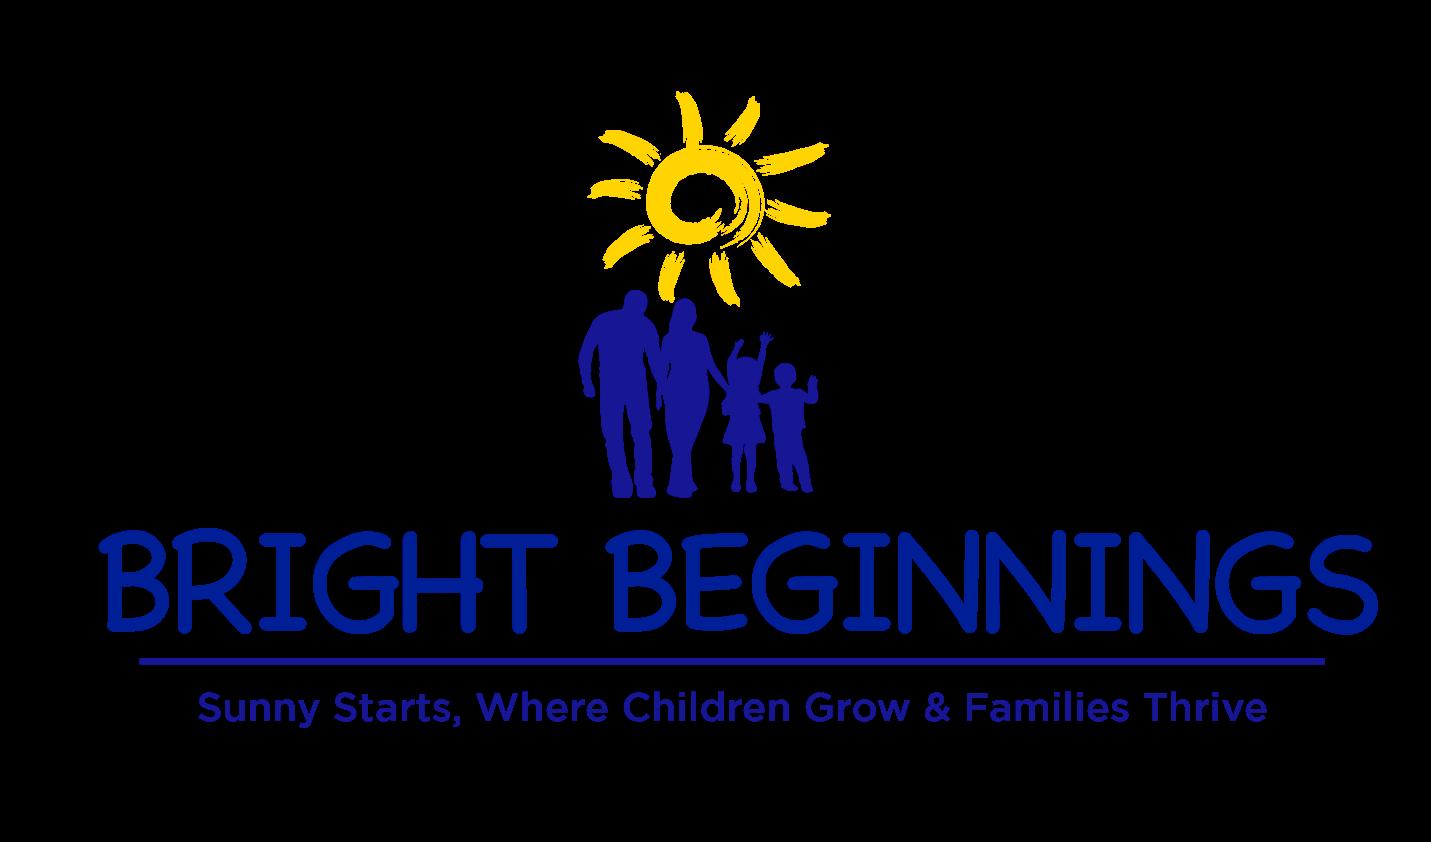 Bright Beginnings' logo